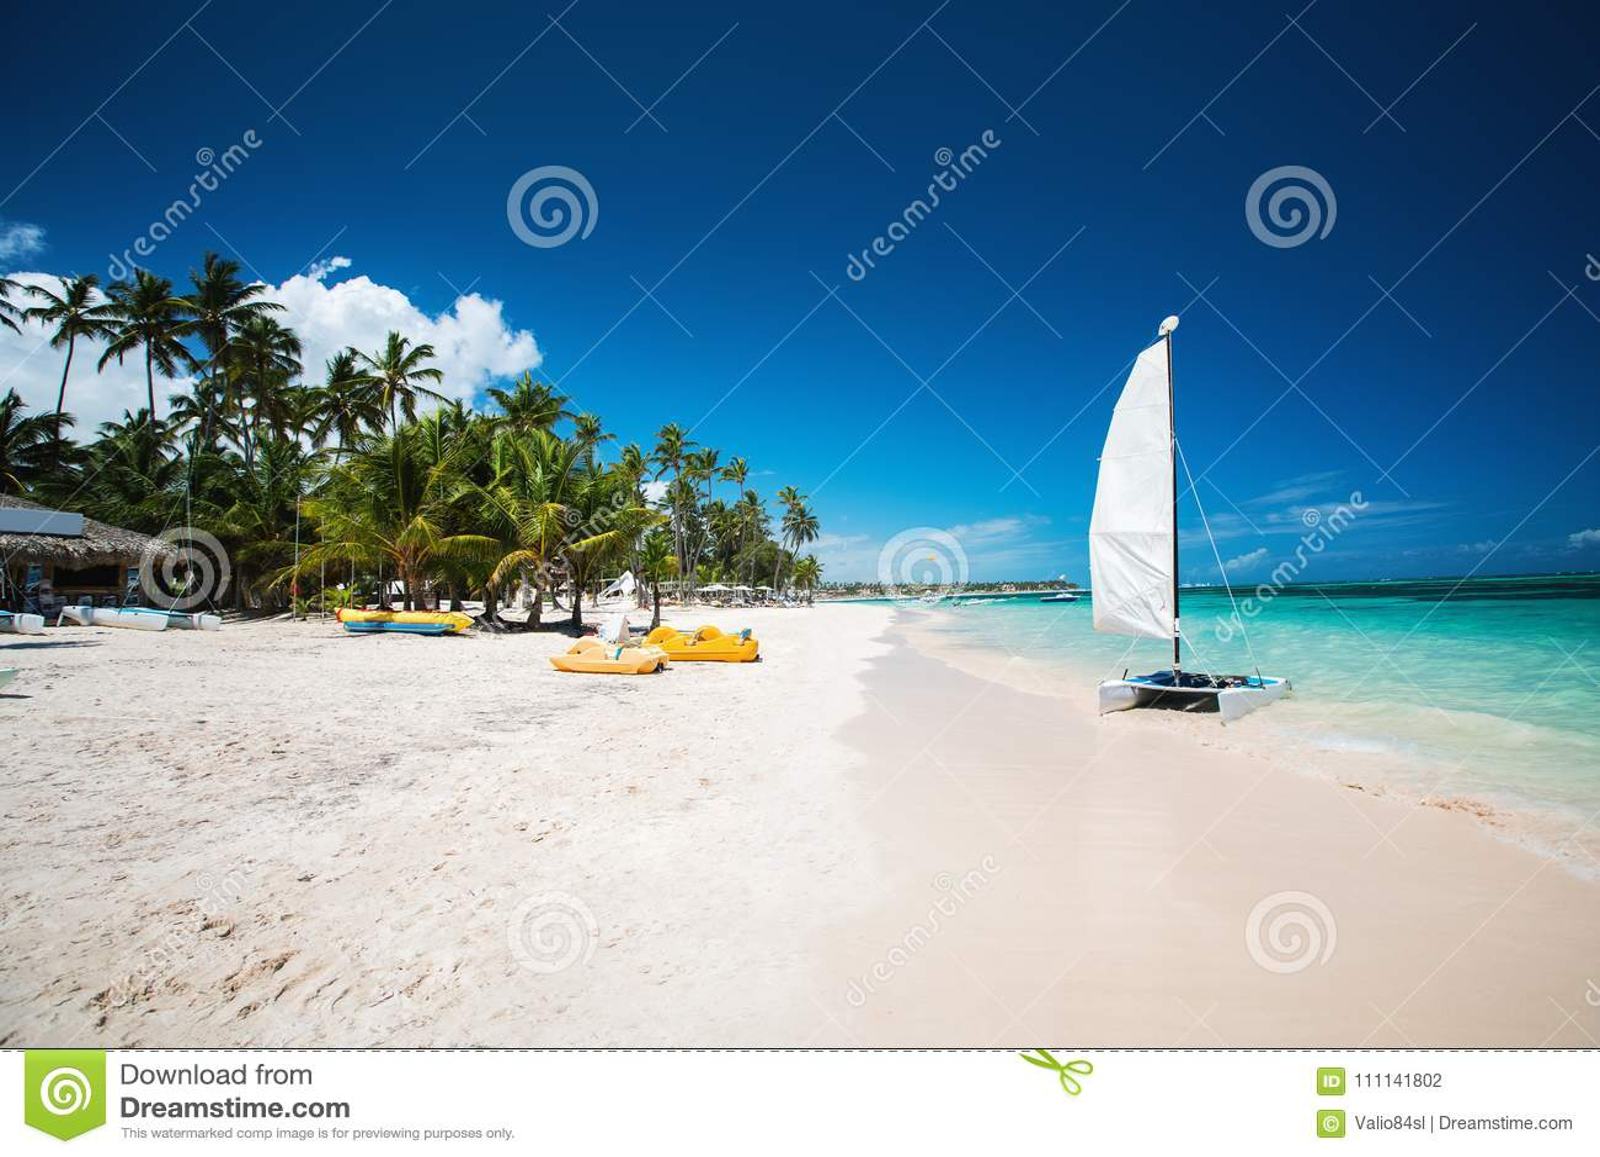 Φοίνικας και τροπική παραλία σε Punta Cana, Δομινικανή Δημοκρατία